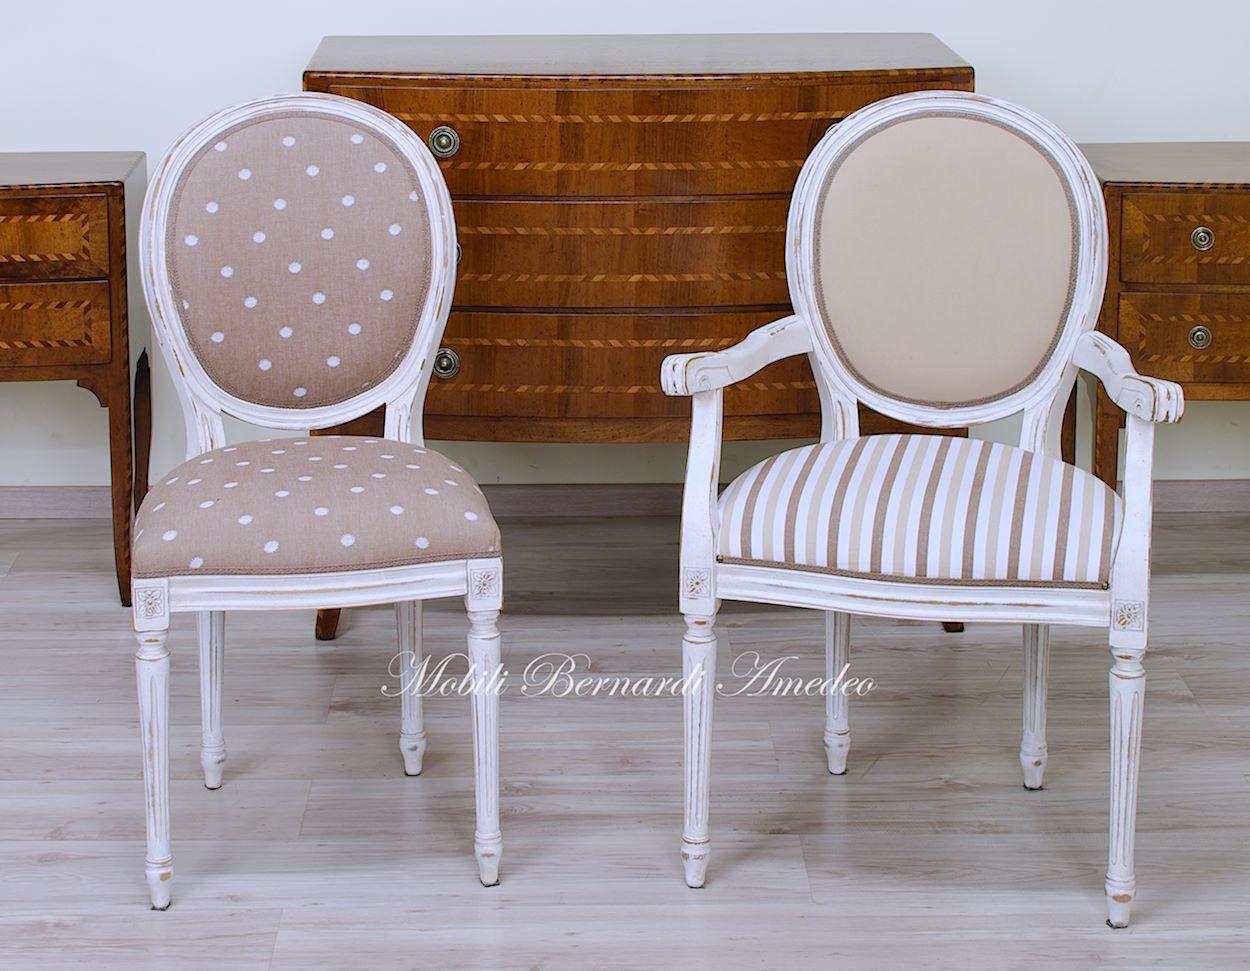 Sedie in stile 14 | Sedie poltroncine divanetti